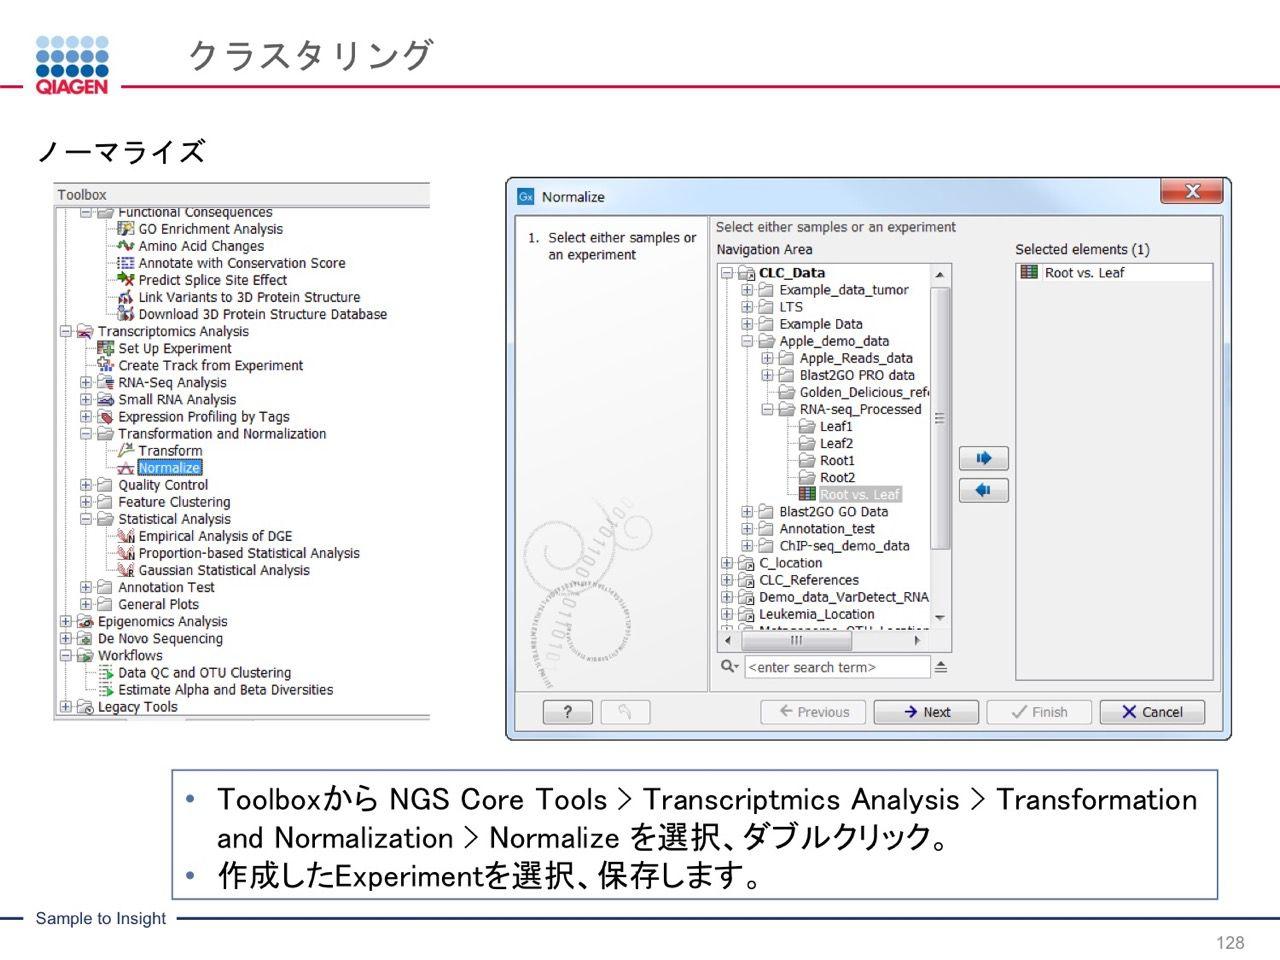 images/AJACSa2_miyamoto_128.jpg